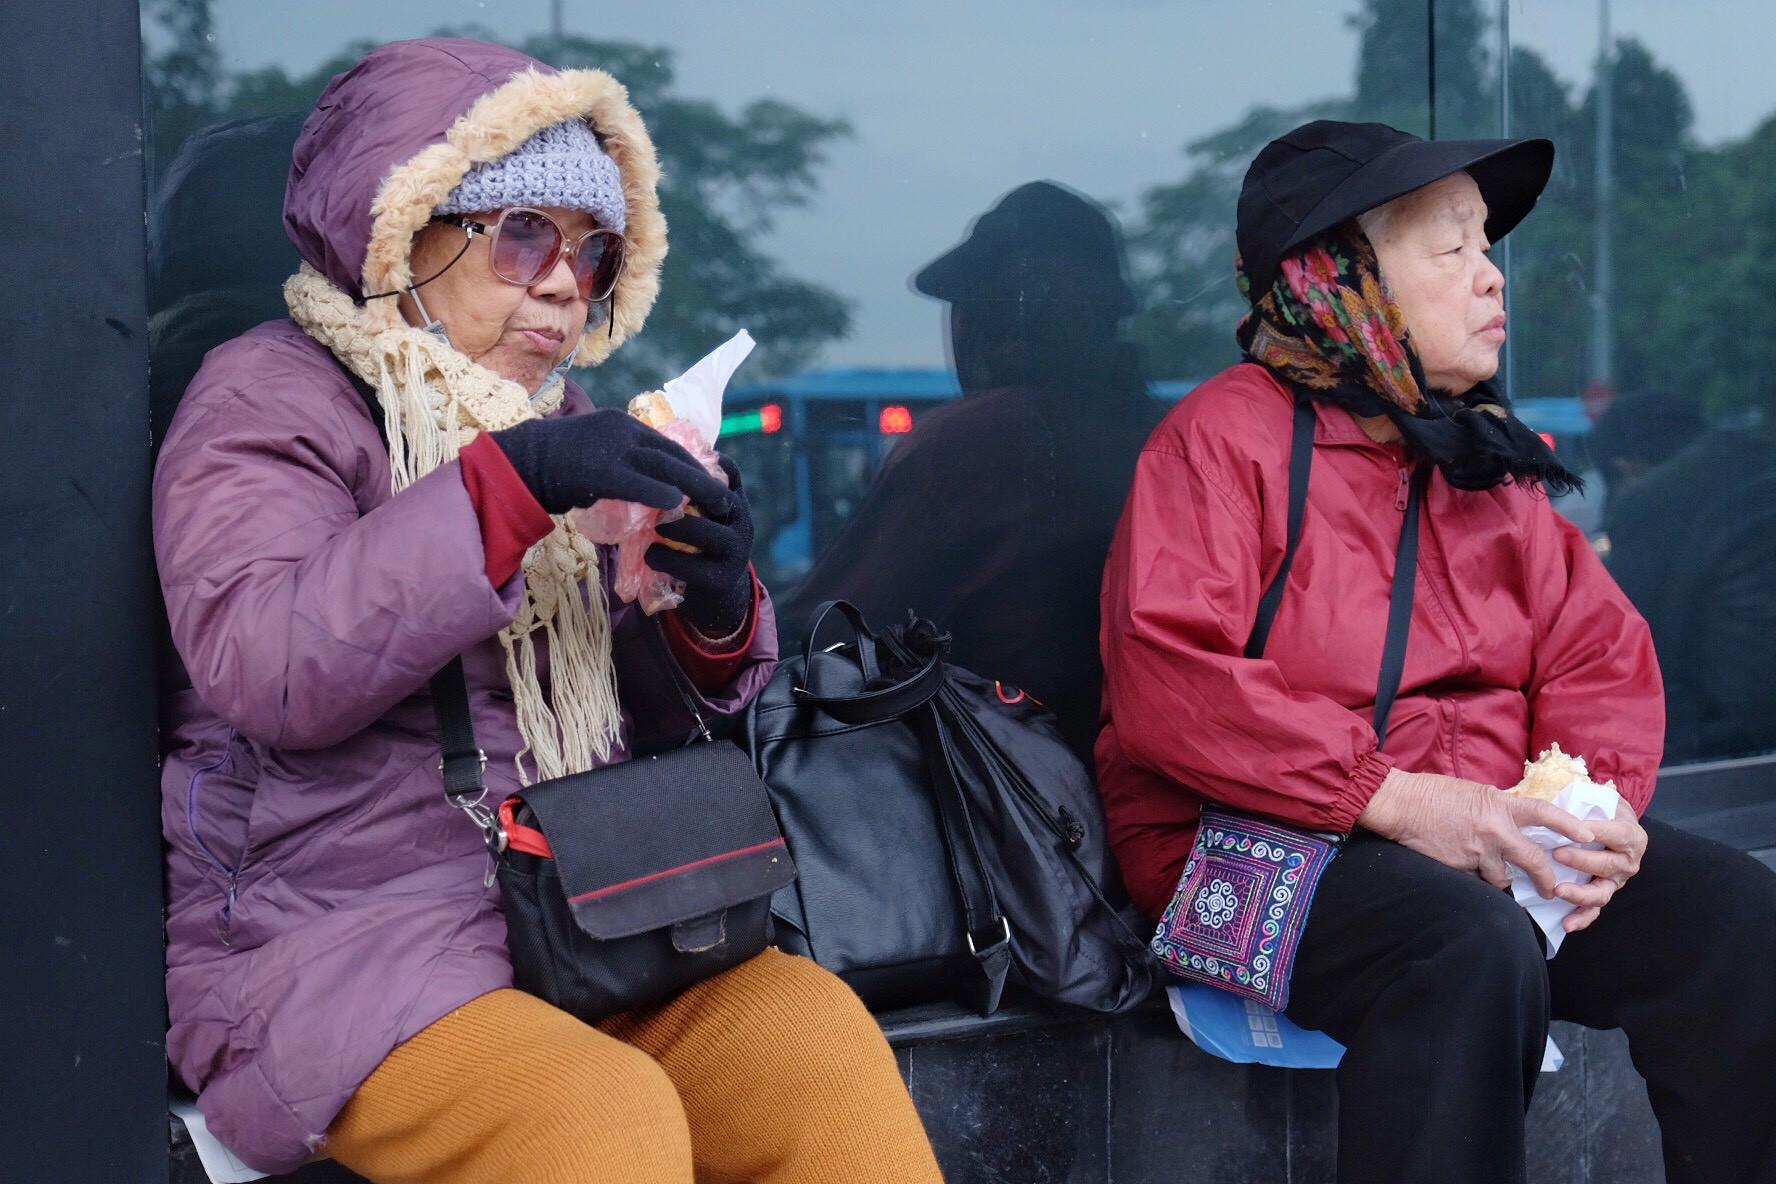 Chùm ảnh: Người Hà Nội co ro xuống phố trong cái lạnh kỷ lục từ đầu mùa - Ảnh 1.